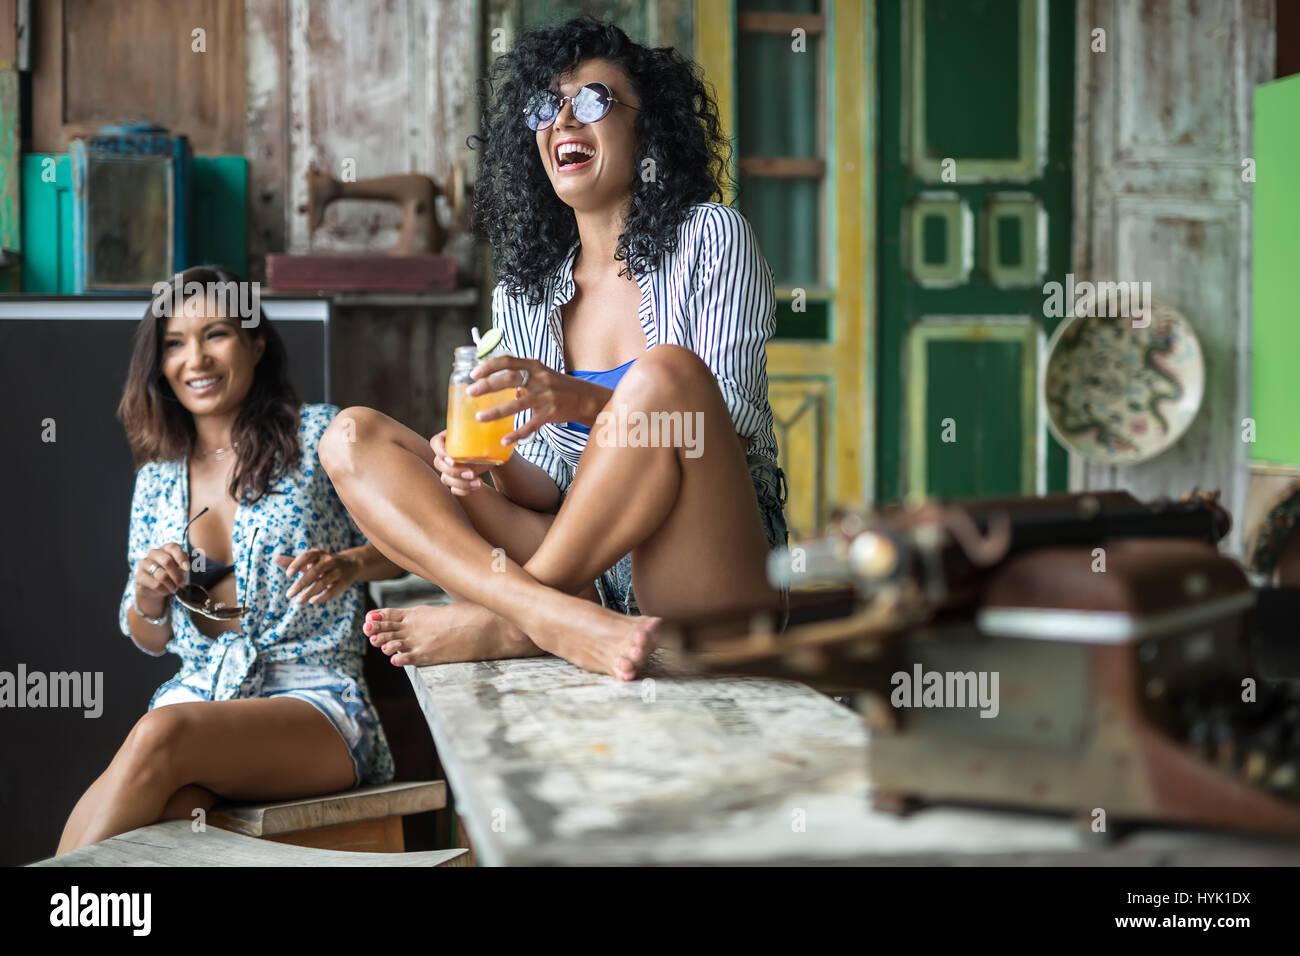 Las niñas de Asia en bares Imagen De Stock